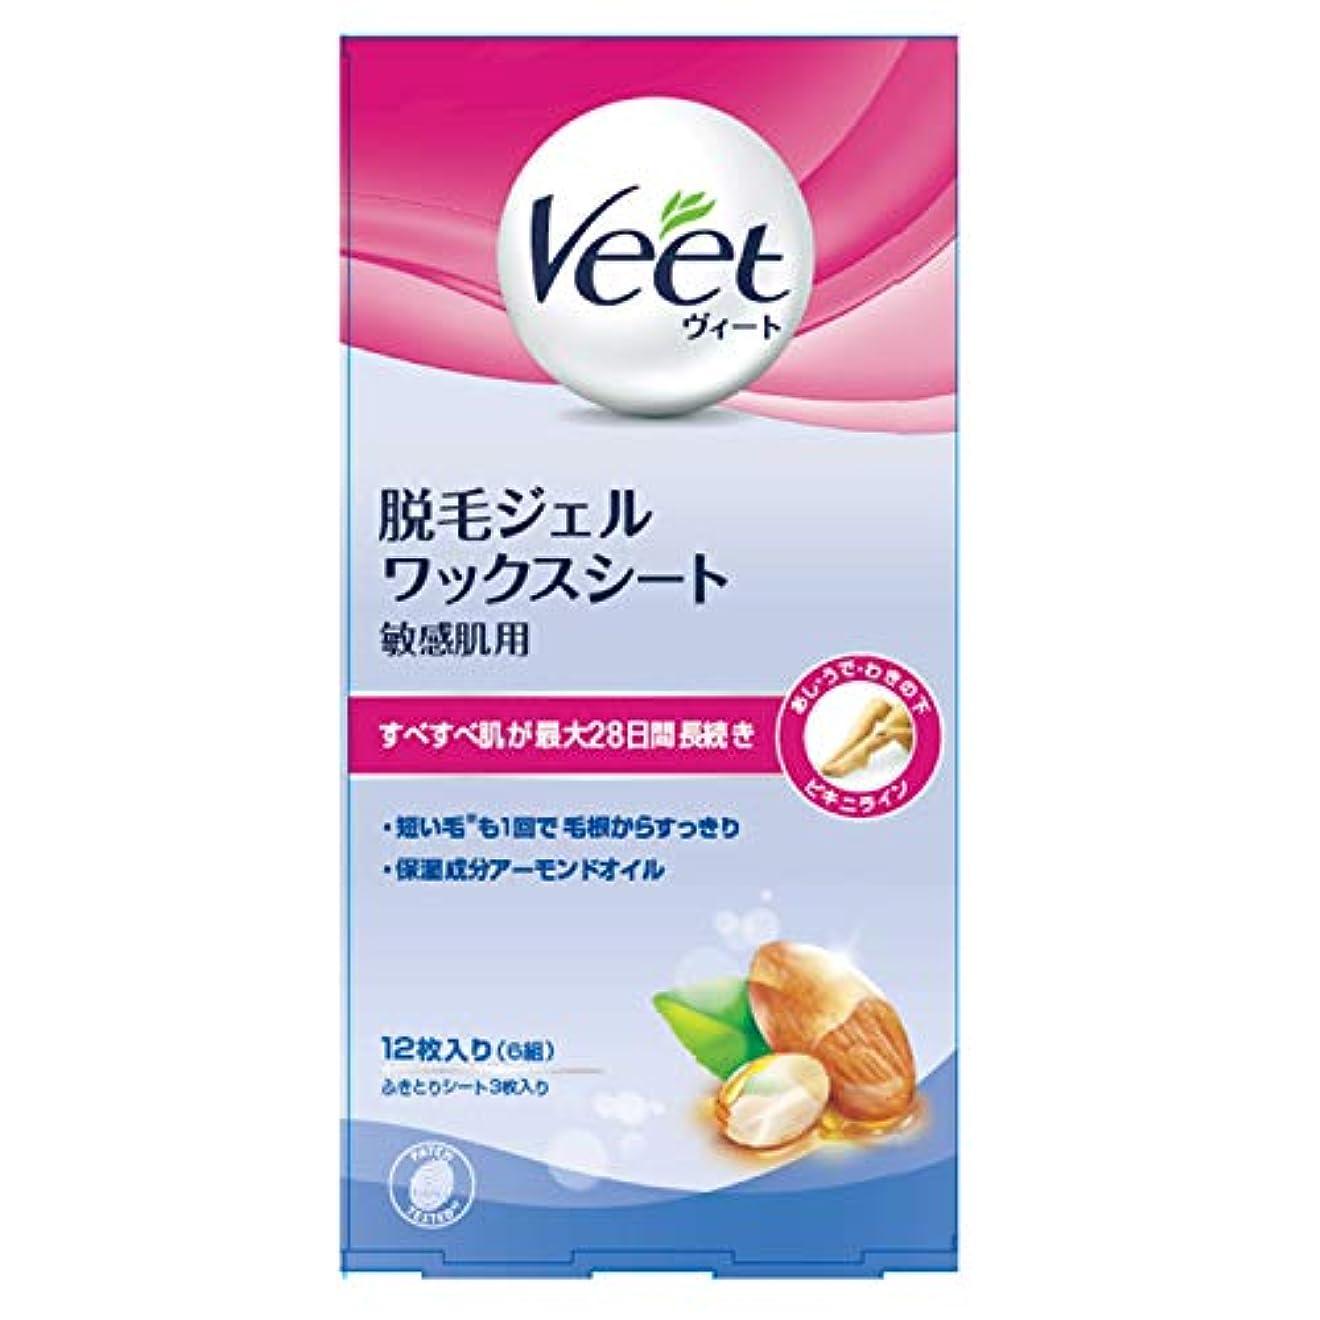 フォージ魂確実ヴィート 脱毛ワックスシート 敏感肌用 (Veet Wax Strips Sensitive)